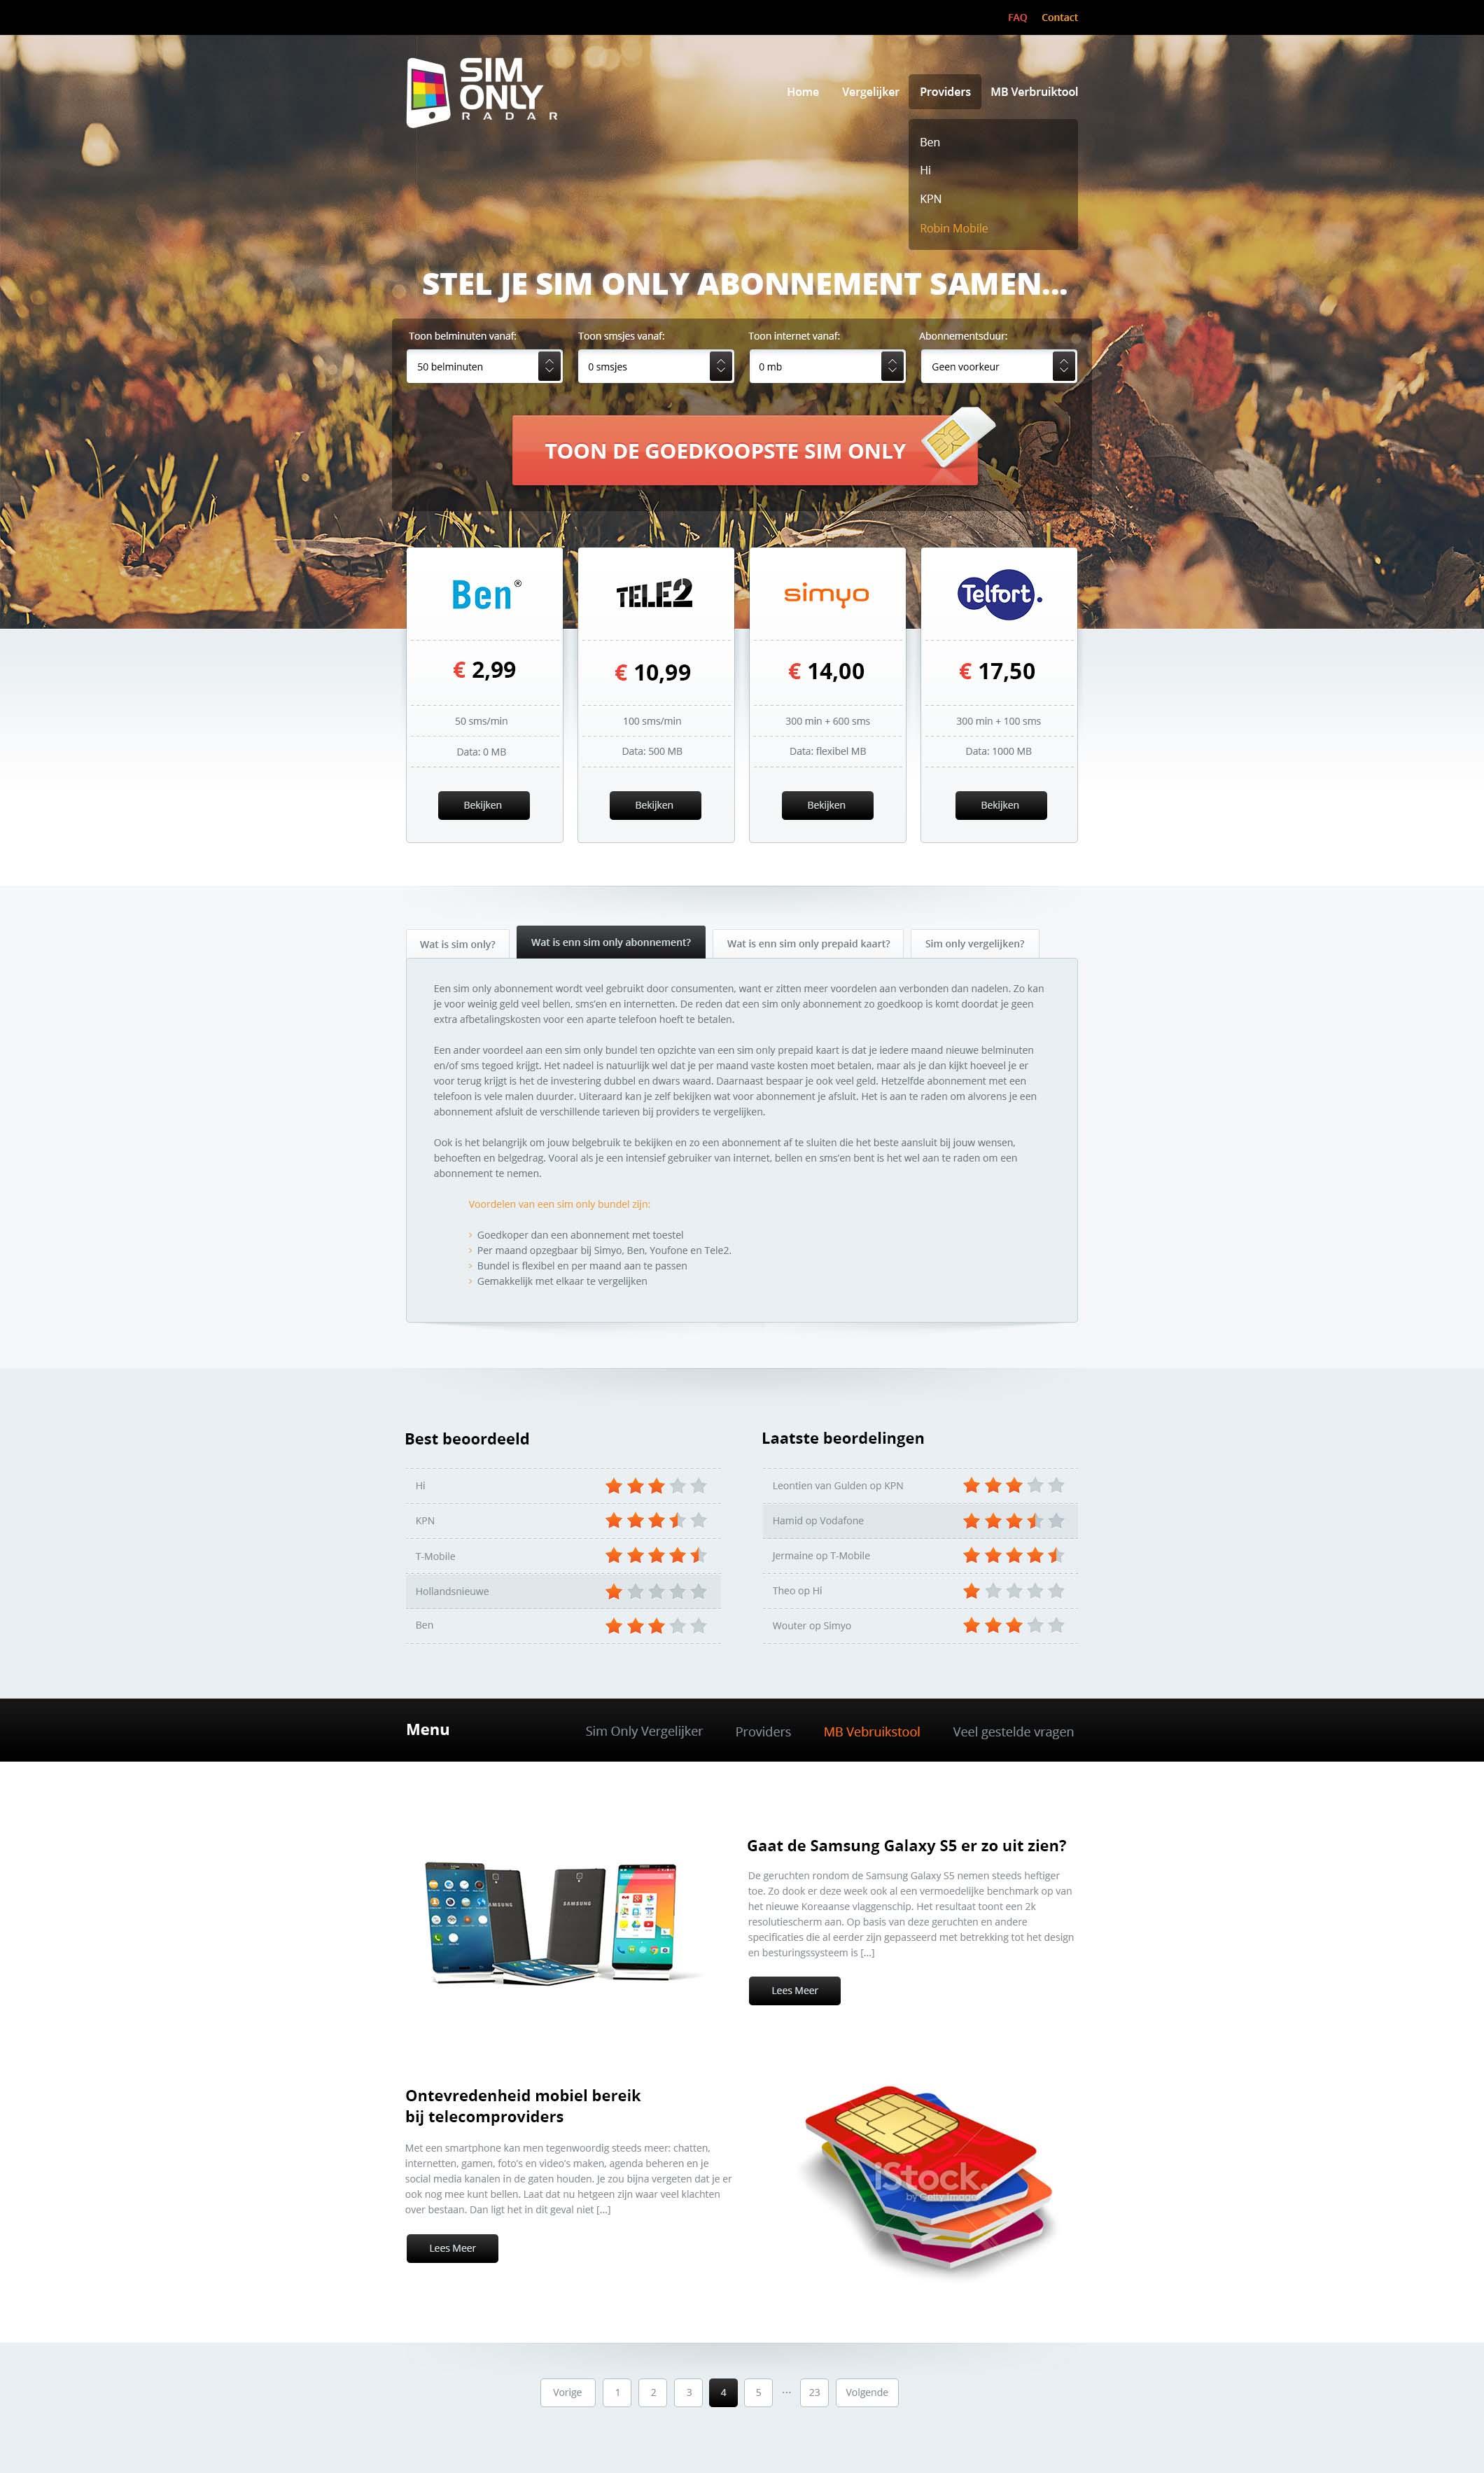 website design and development screenshot 4